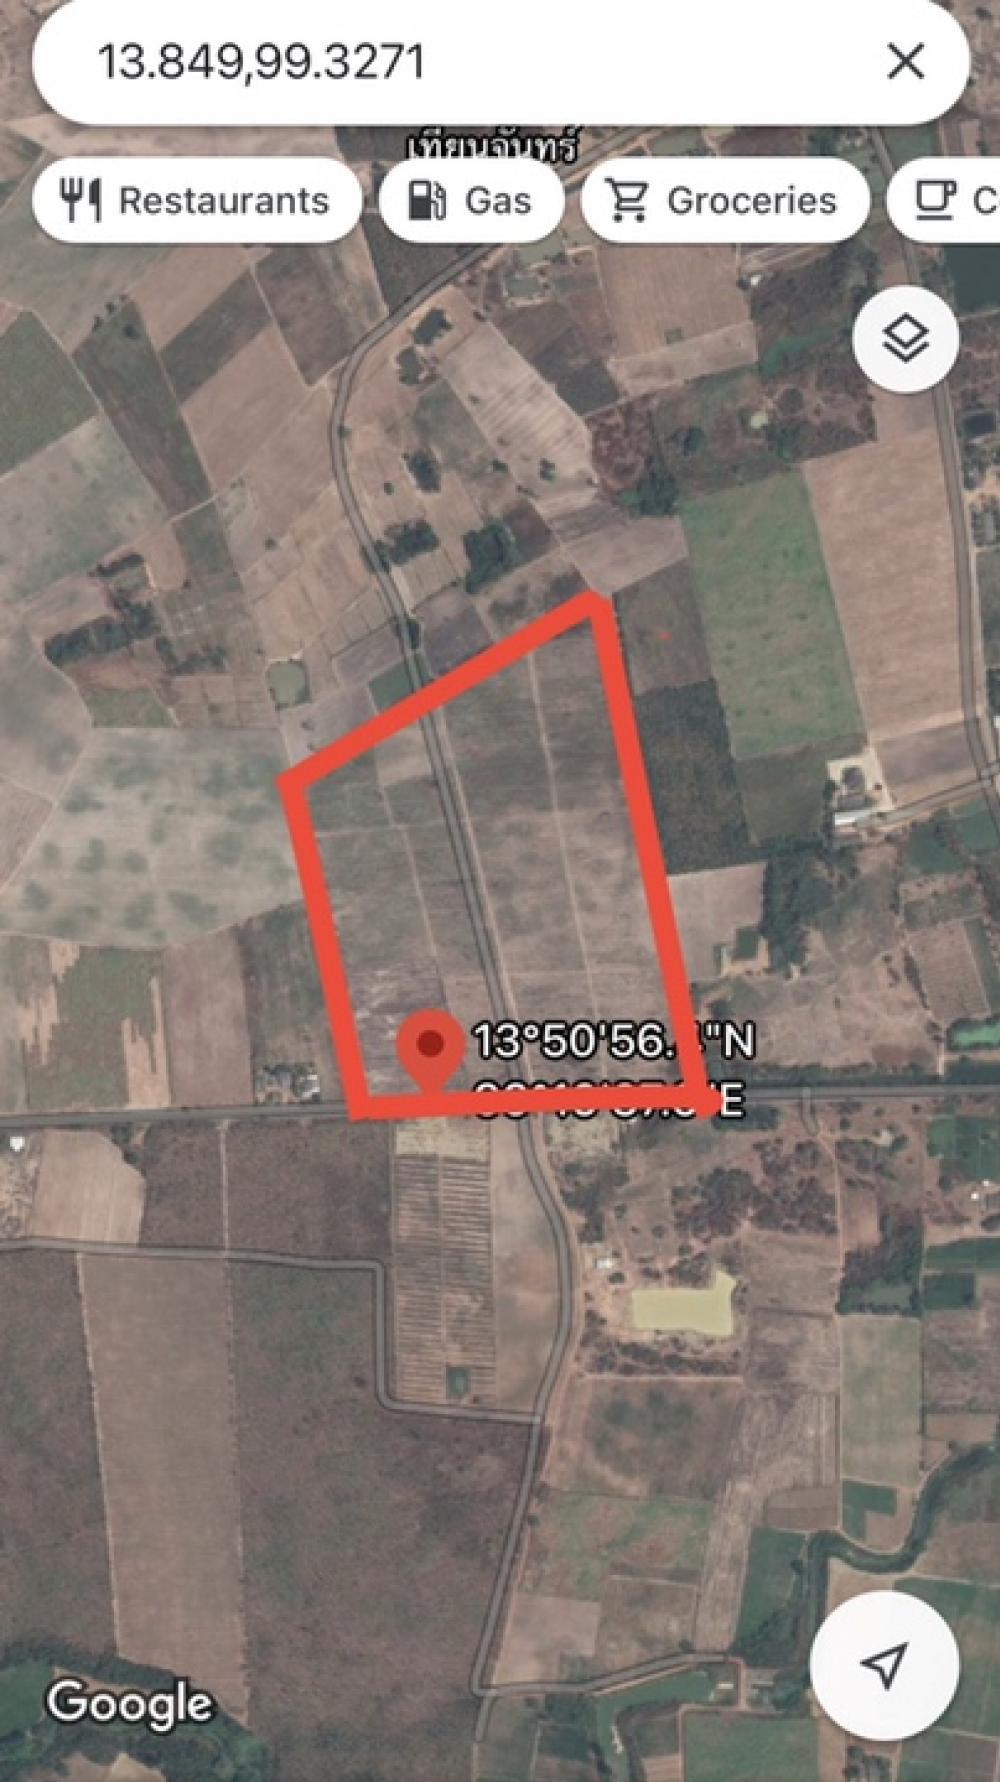 ขายที่ดินกาญจนบุรี : ที่ดิน กาญจนบุรี 107 ไร่ ใกล้ มอเตอร์เวย์ บางใหญ่-กาญจนบุรี และบ้านพุน้ำร้อน ชายแดนไทย-พม่า โครงการท่าเรือน้ำลึกทวาย เจ้าของขายเอง